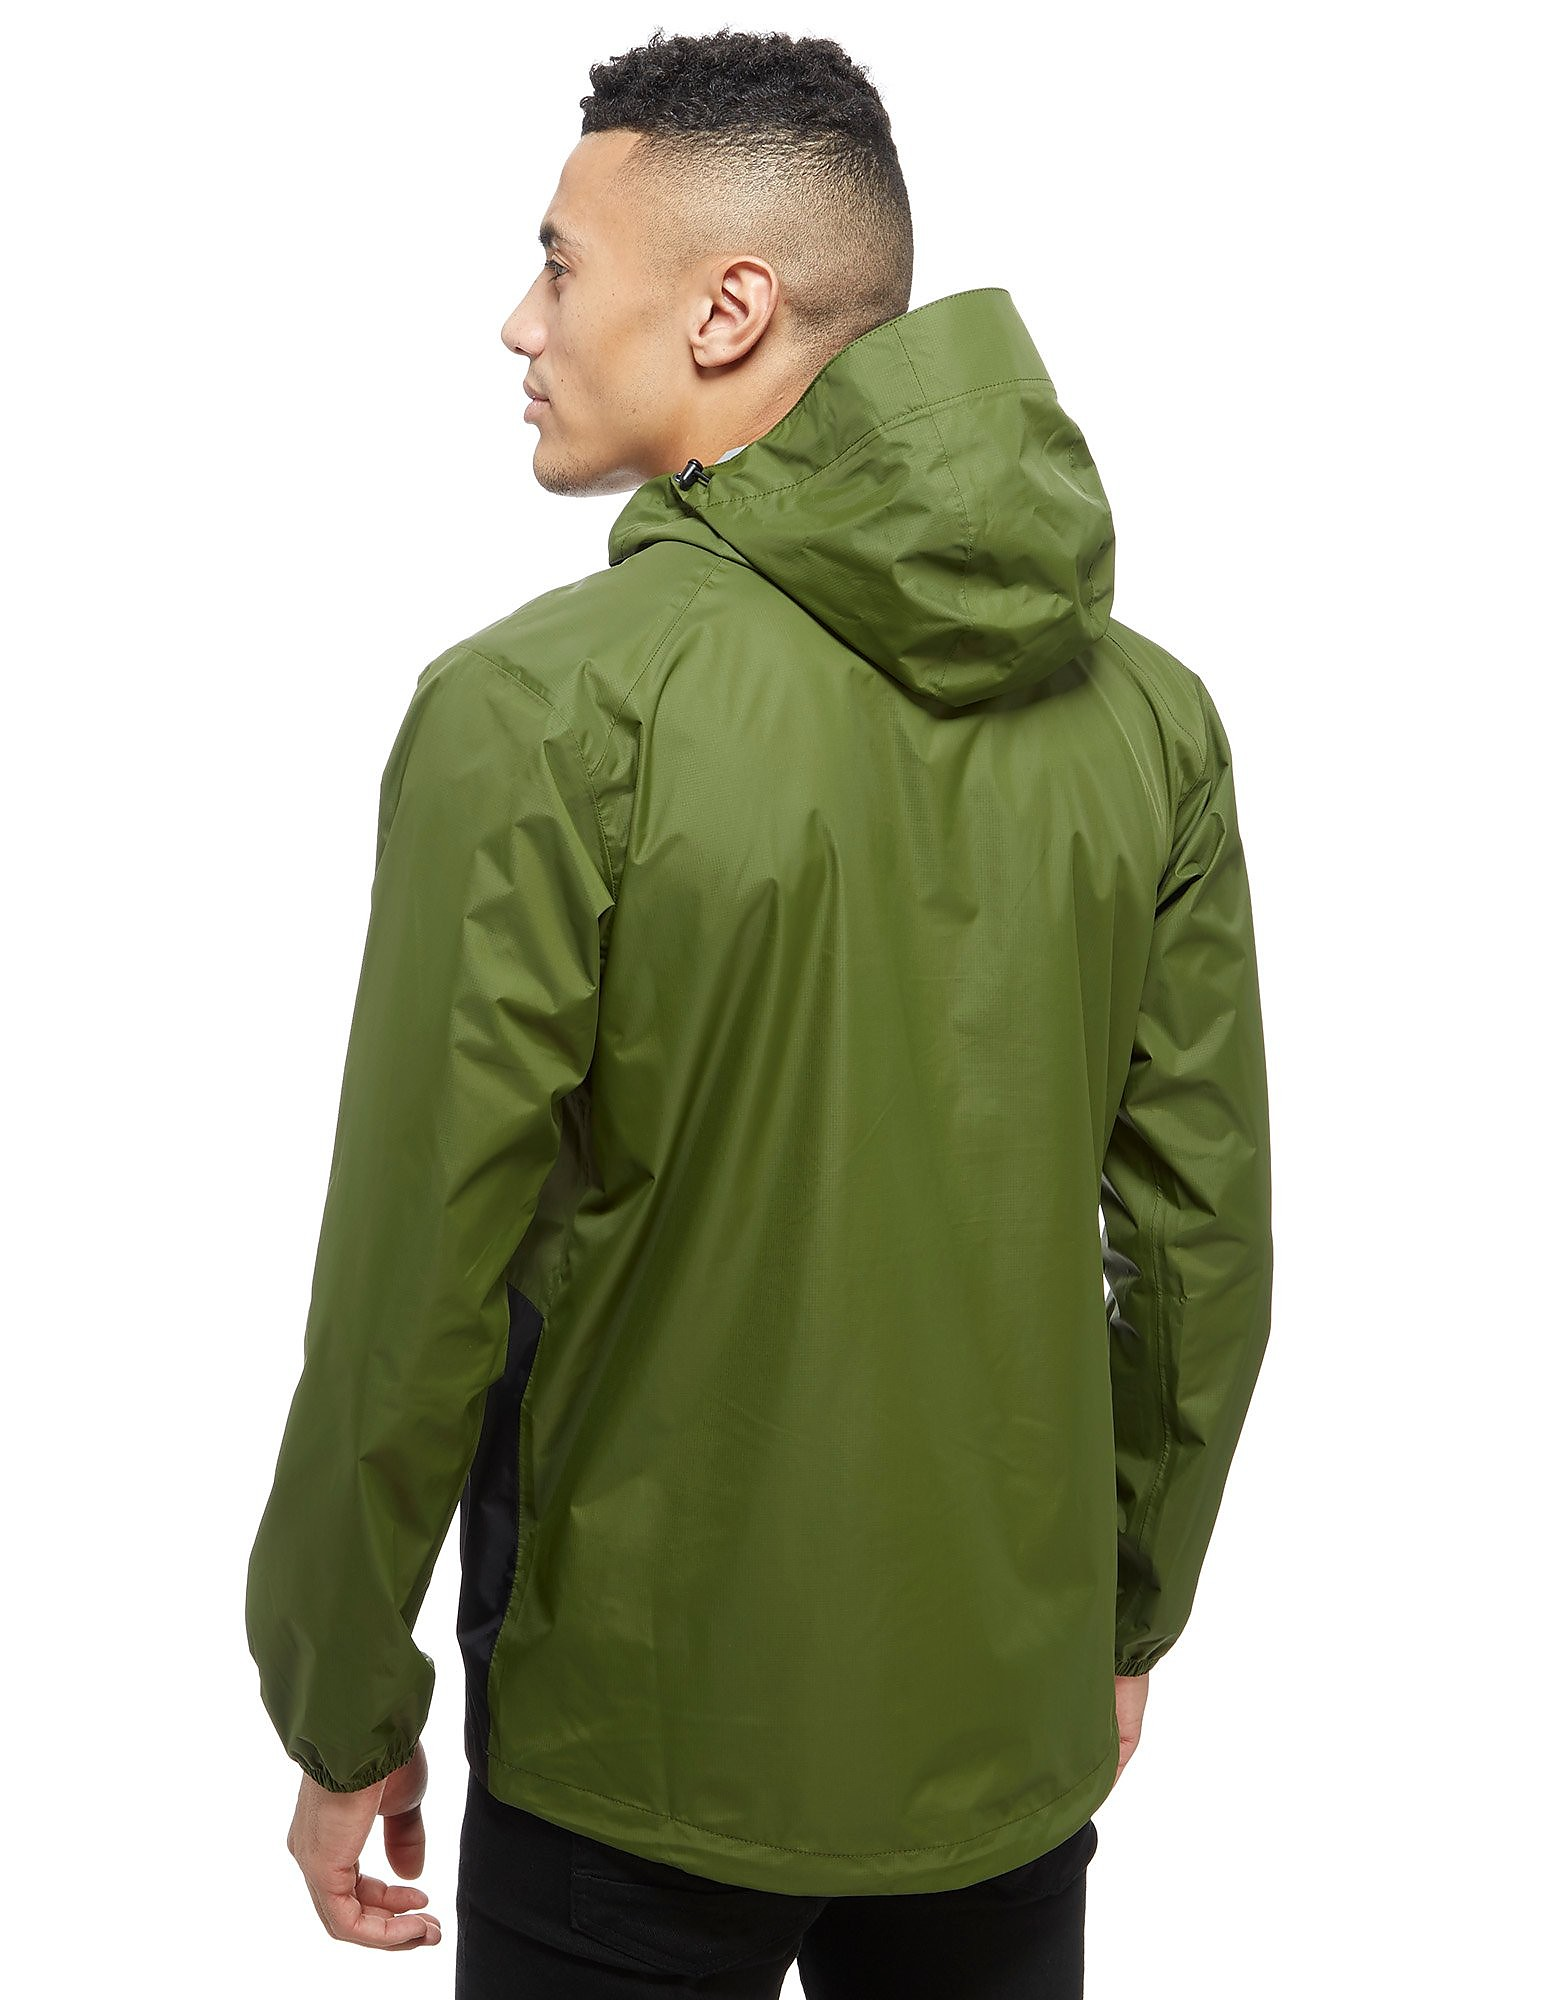 Berghaus Deluge 1/2 Zip Waterproof Jacket